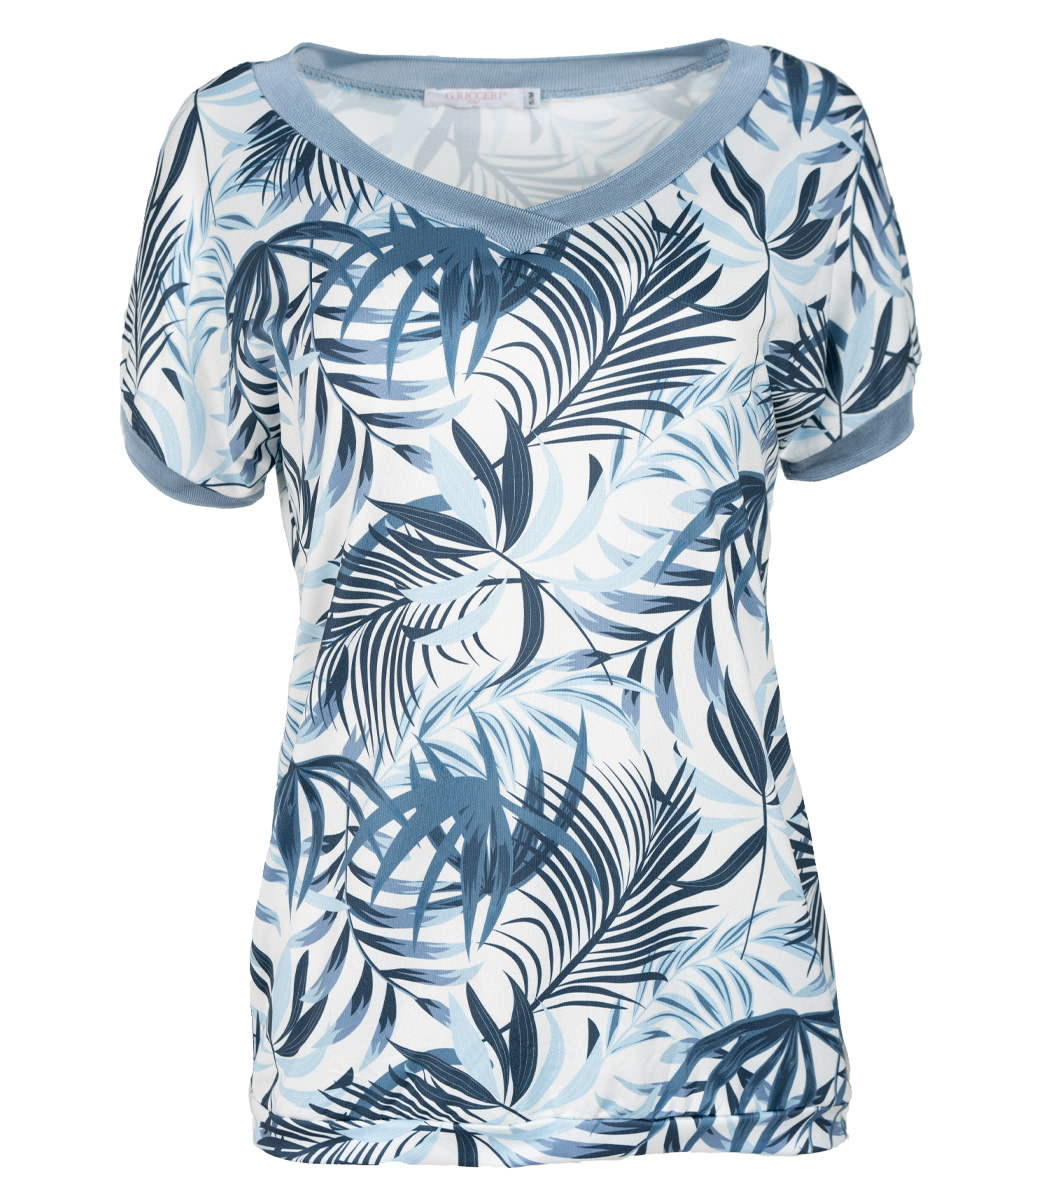 Gemma Ricceri Shirt blauw print Nancy